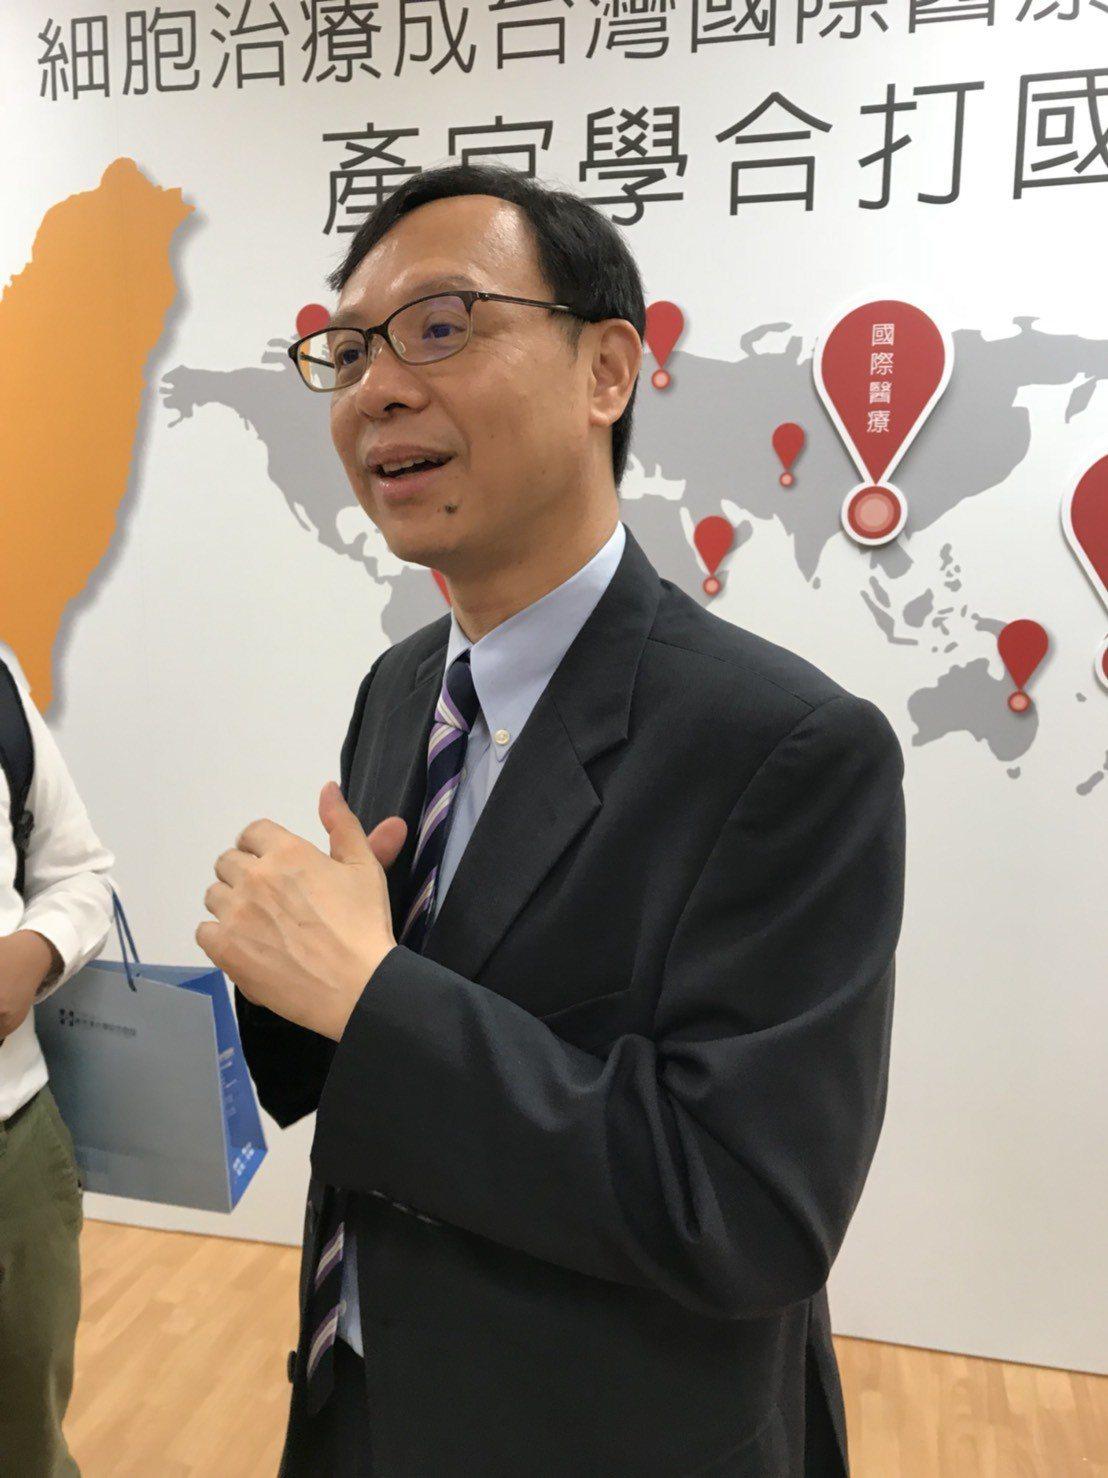 衛福部醫事司司長石崇良表示,預計今年底前推出細胞治療的專門網站,提供細胞資料介紹...